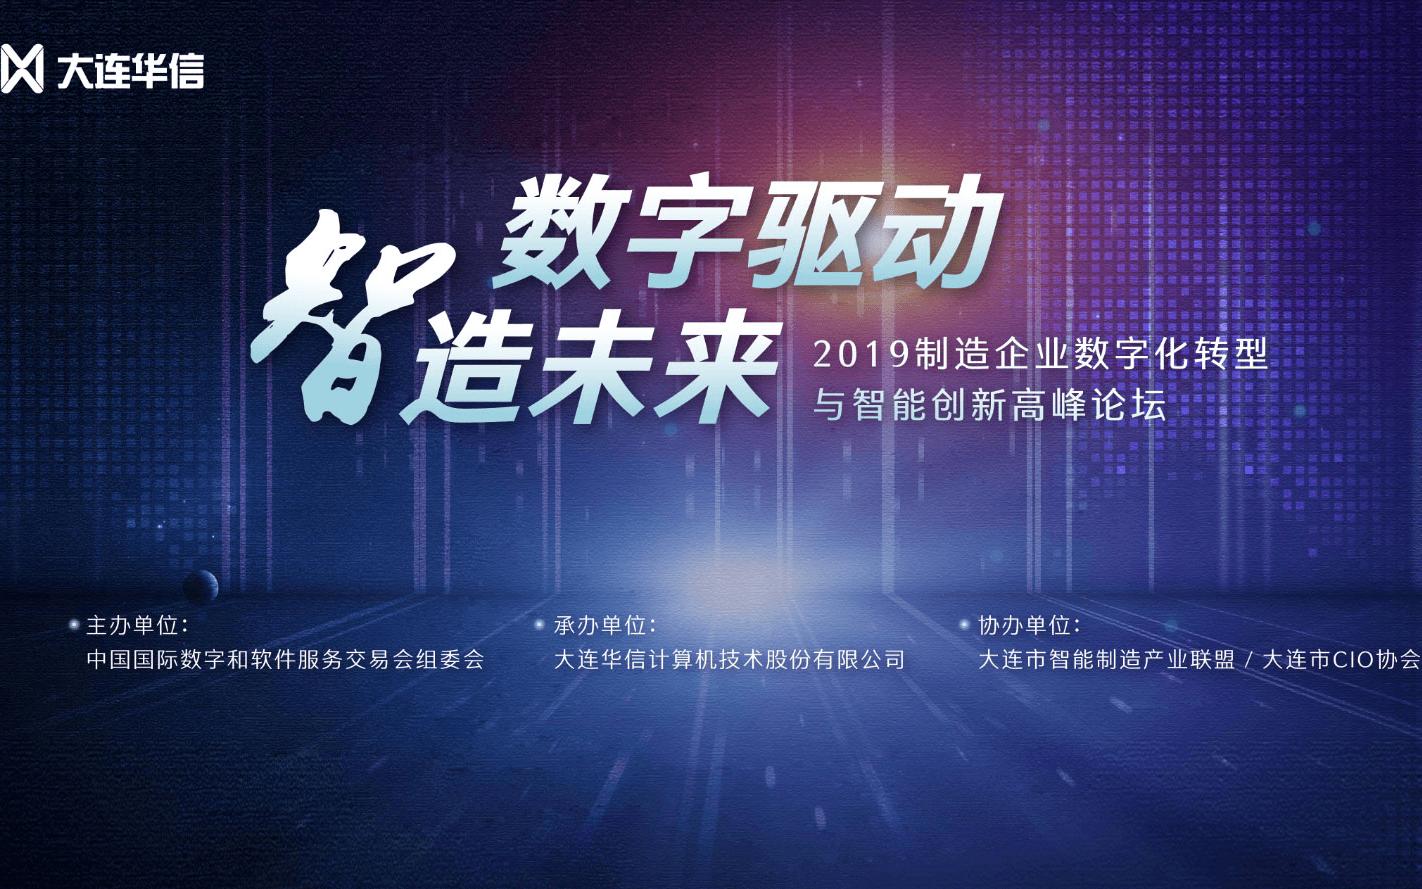 2019制造企业数字化转型与智能创新高峰论坛(大连)